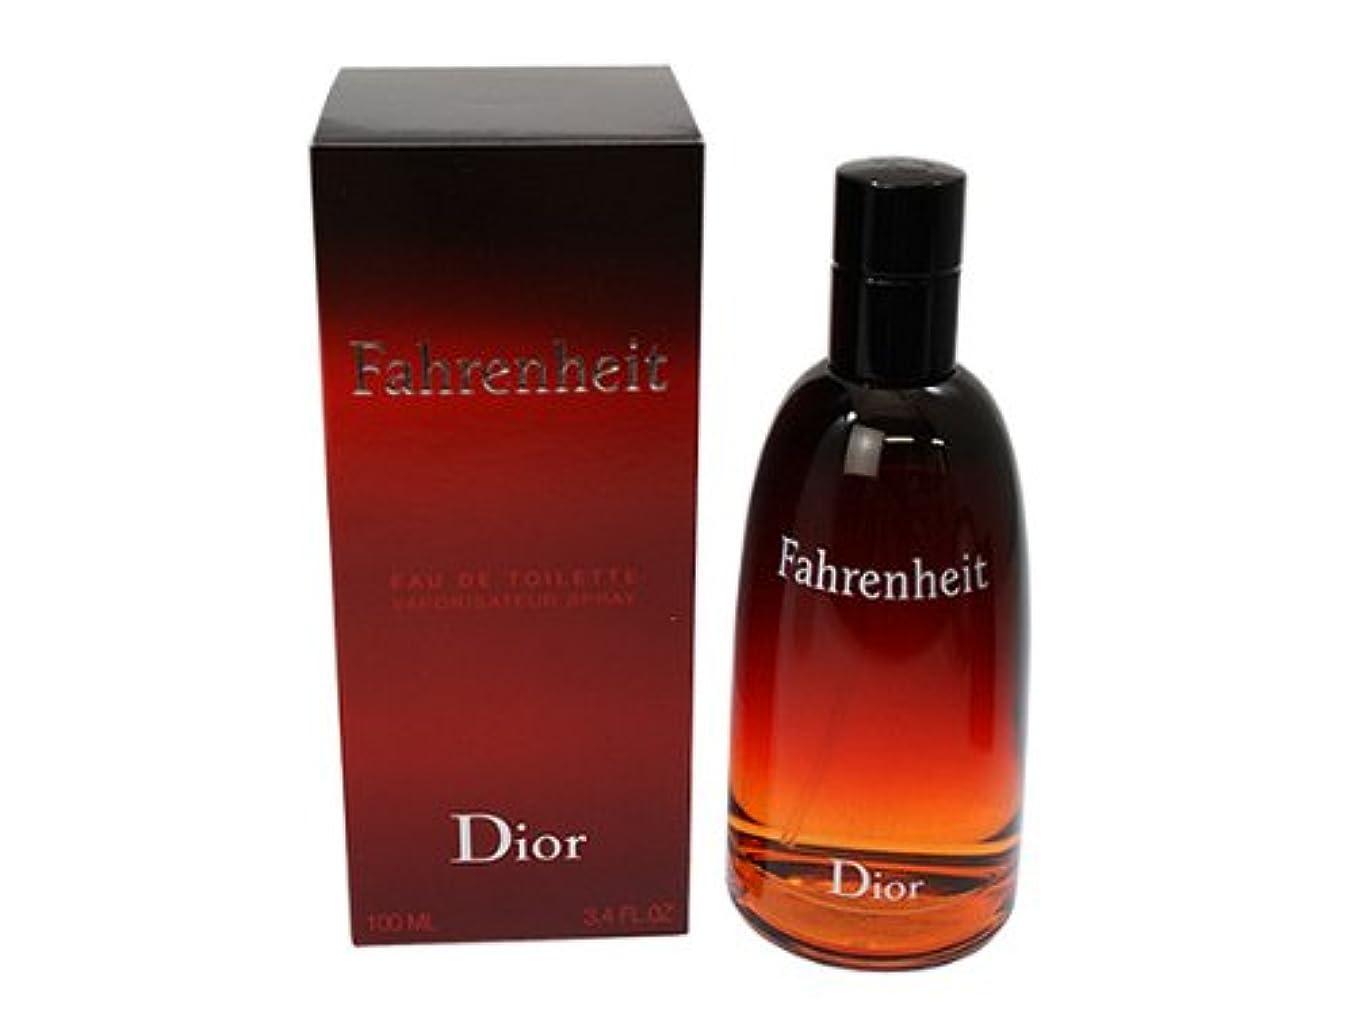 蒸発に対応競争ファーレンハイト Dior クリスチャンディオール オードトワレ EDT 100ML メンズ用香水、フレグランス